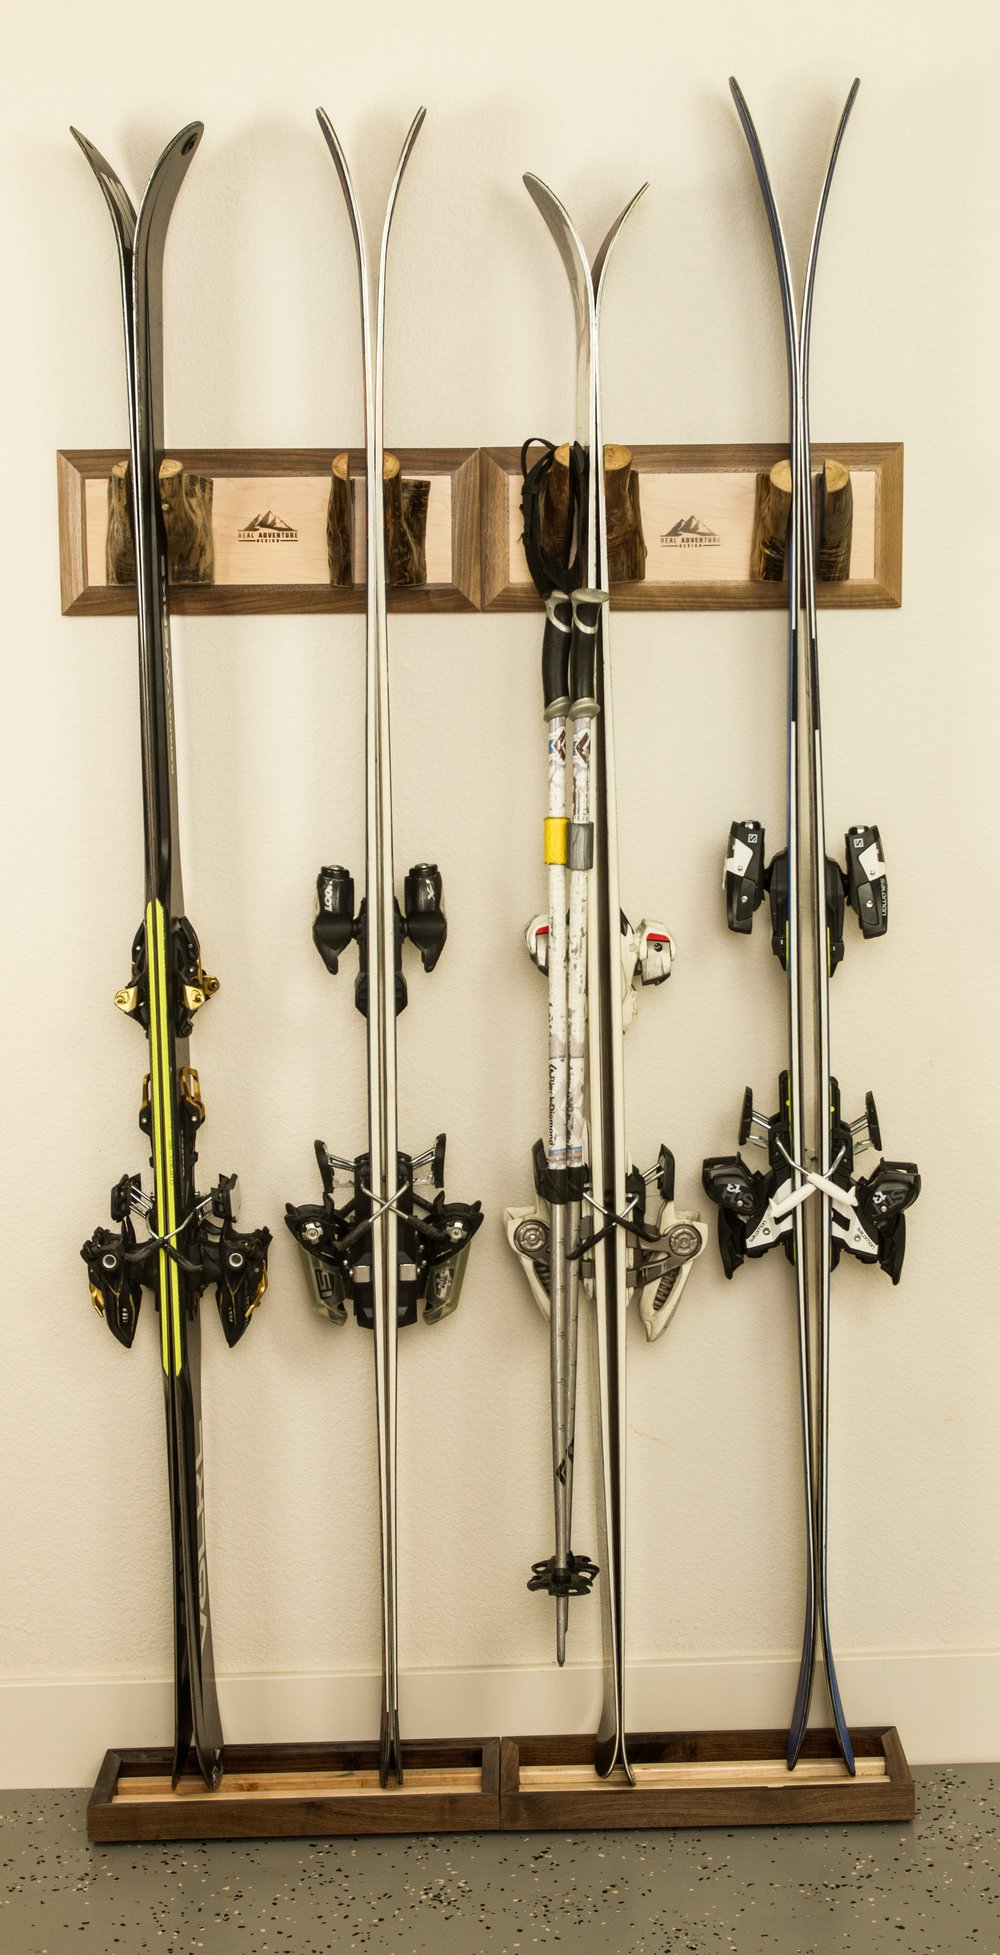 The 4 Ski Meaden.